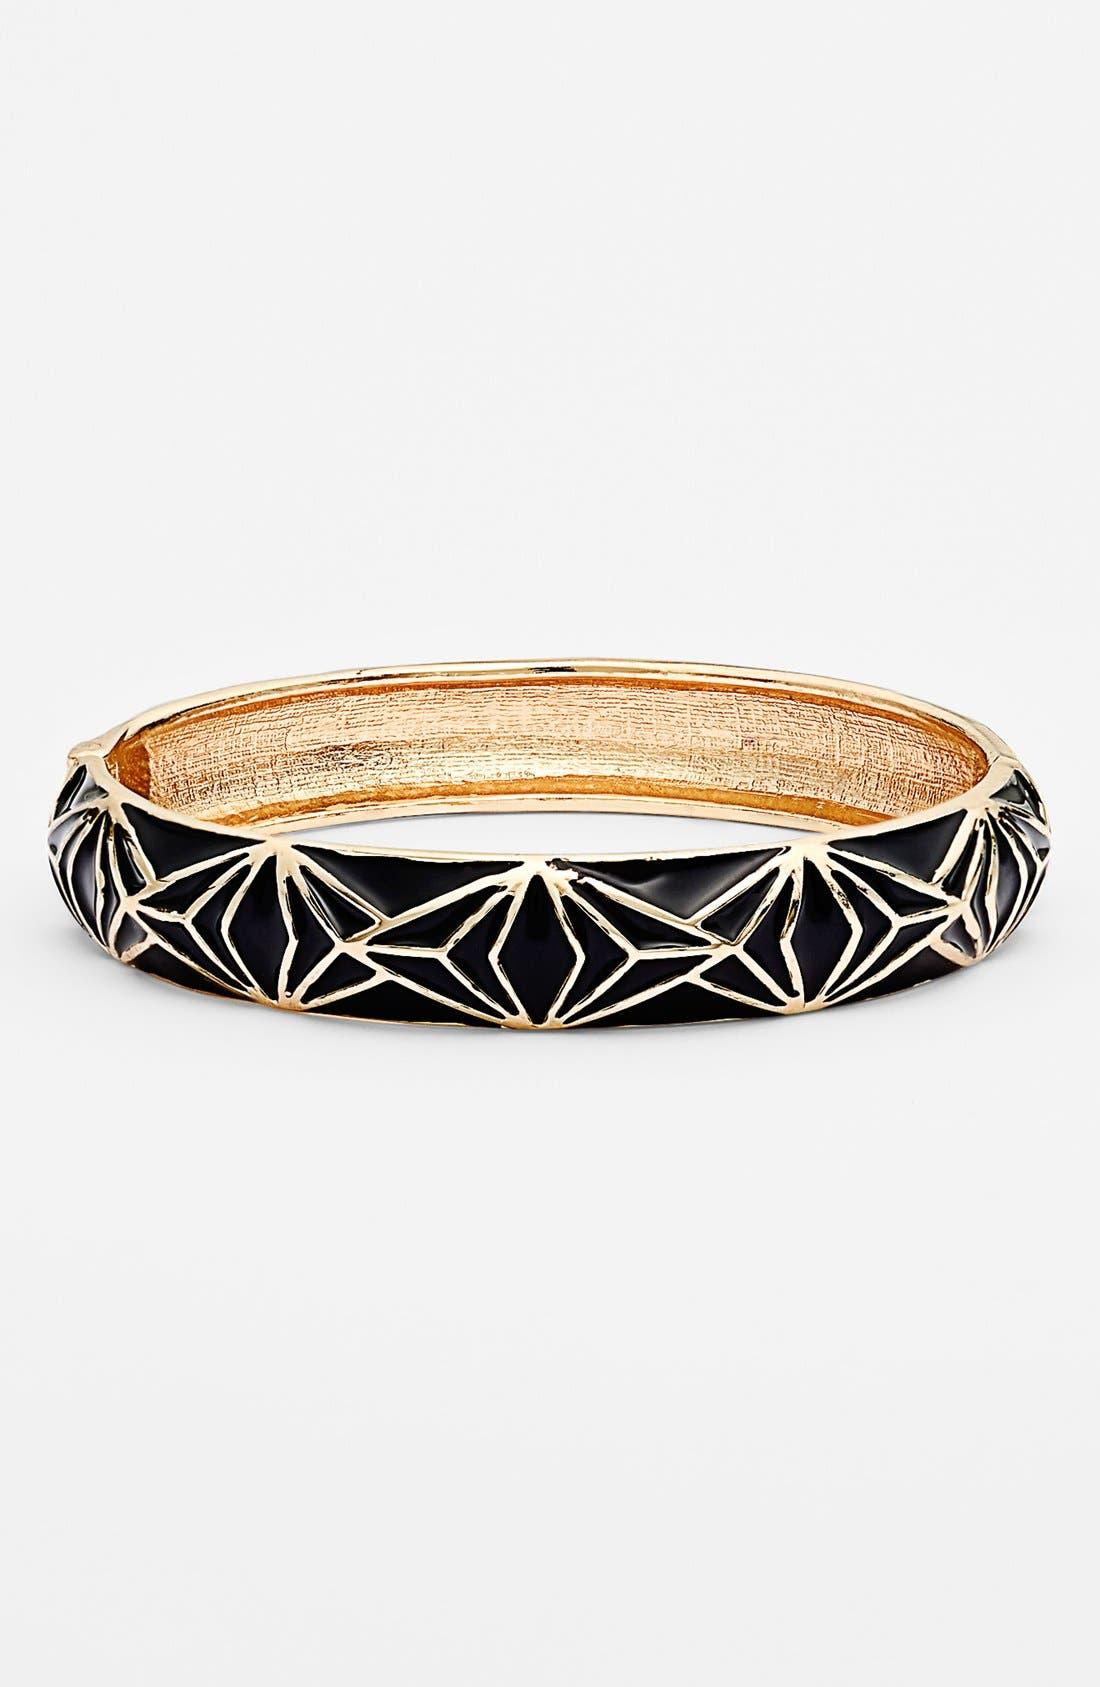 Main Image - Sequin Enamel Hinged Bangle Bracelet